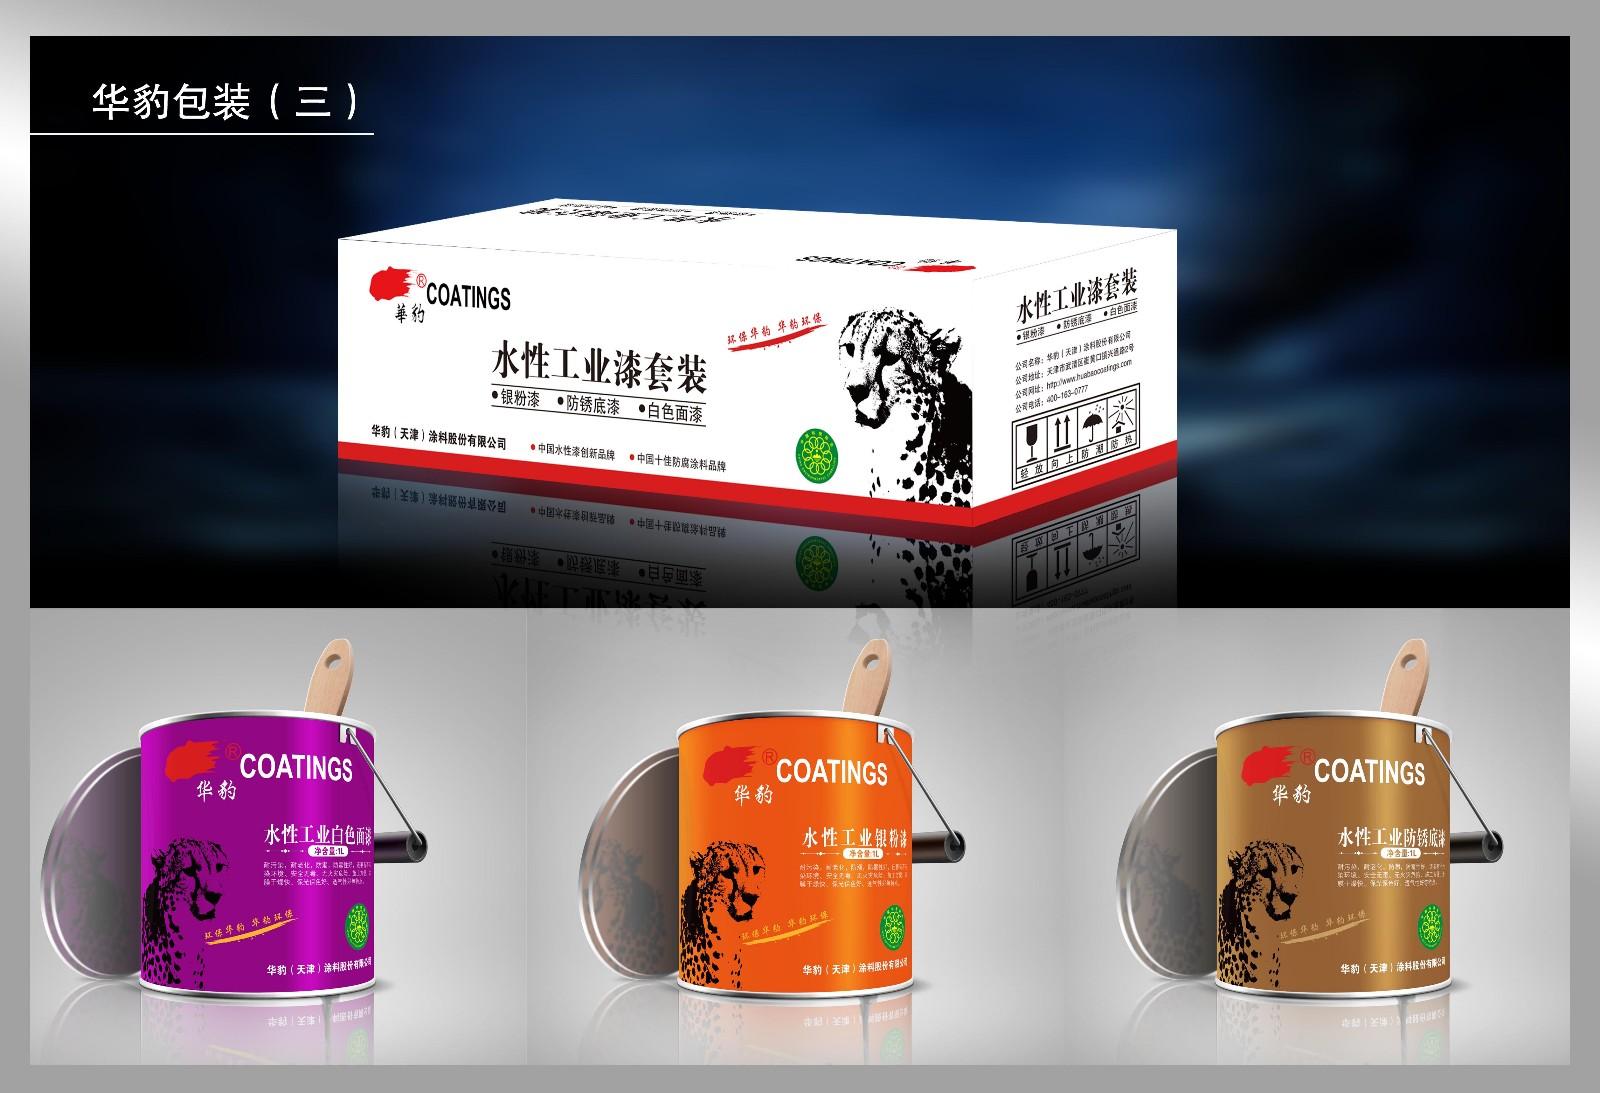 中國水替漆/專業水替漆供應商/天津水替漆